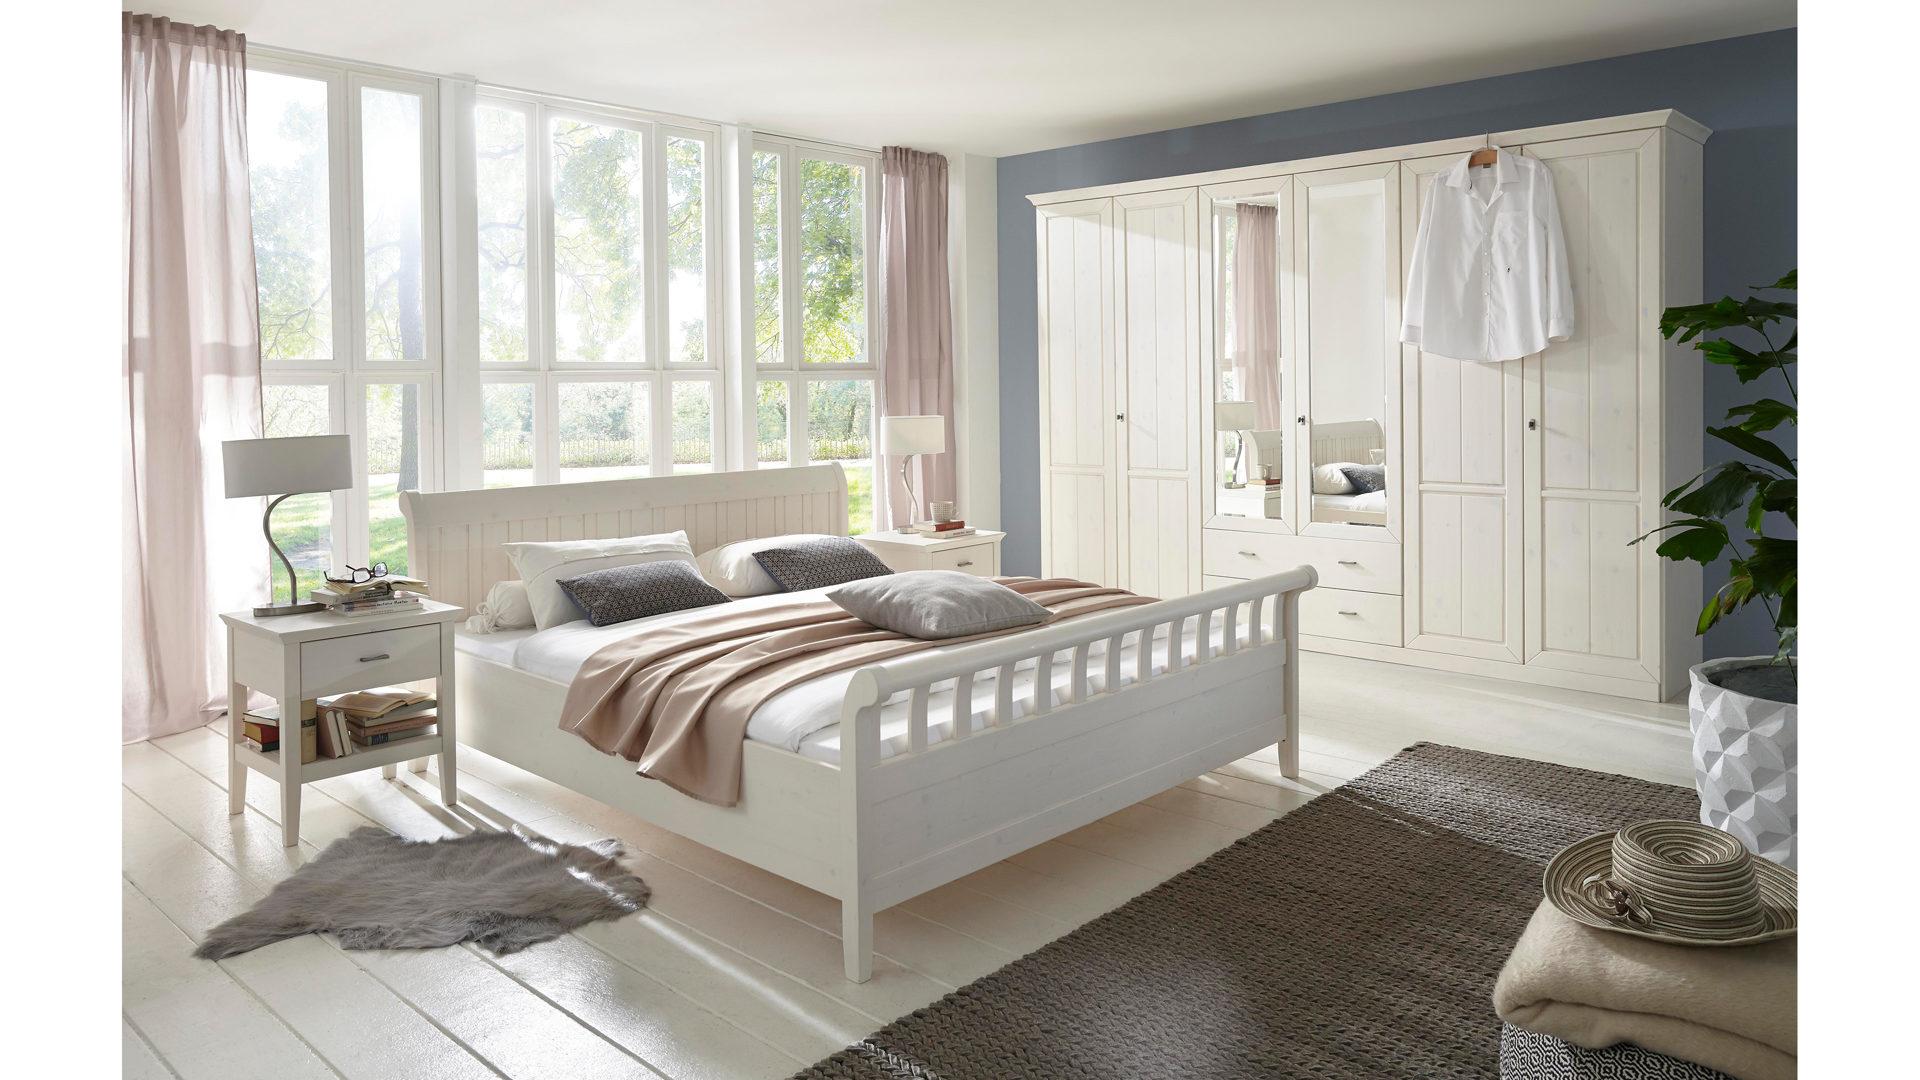 schlafzimmer landhaus weiß | jtleigh.com - hausgestaltung ideen - Schlafzimmer Landhausstil Weis Kaufen